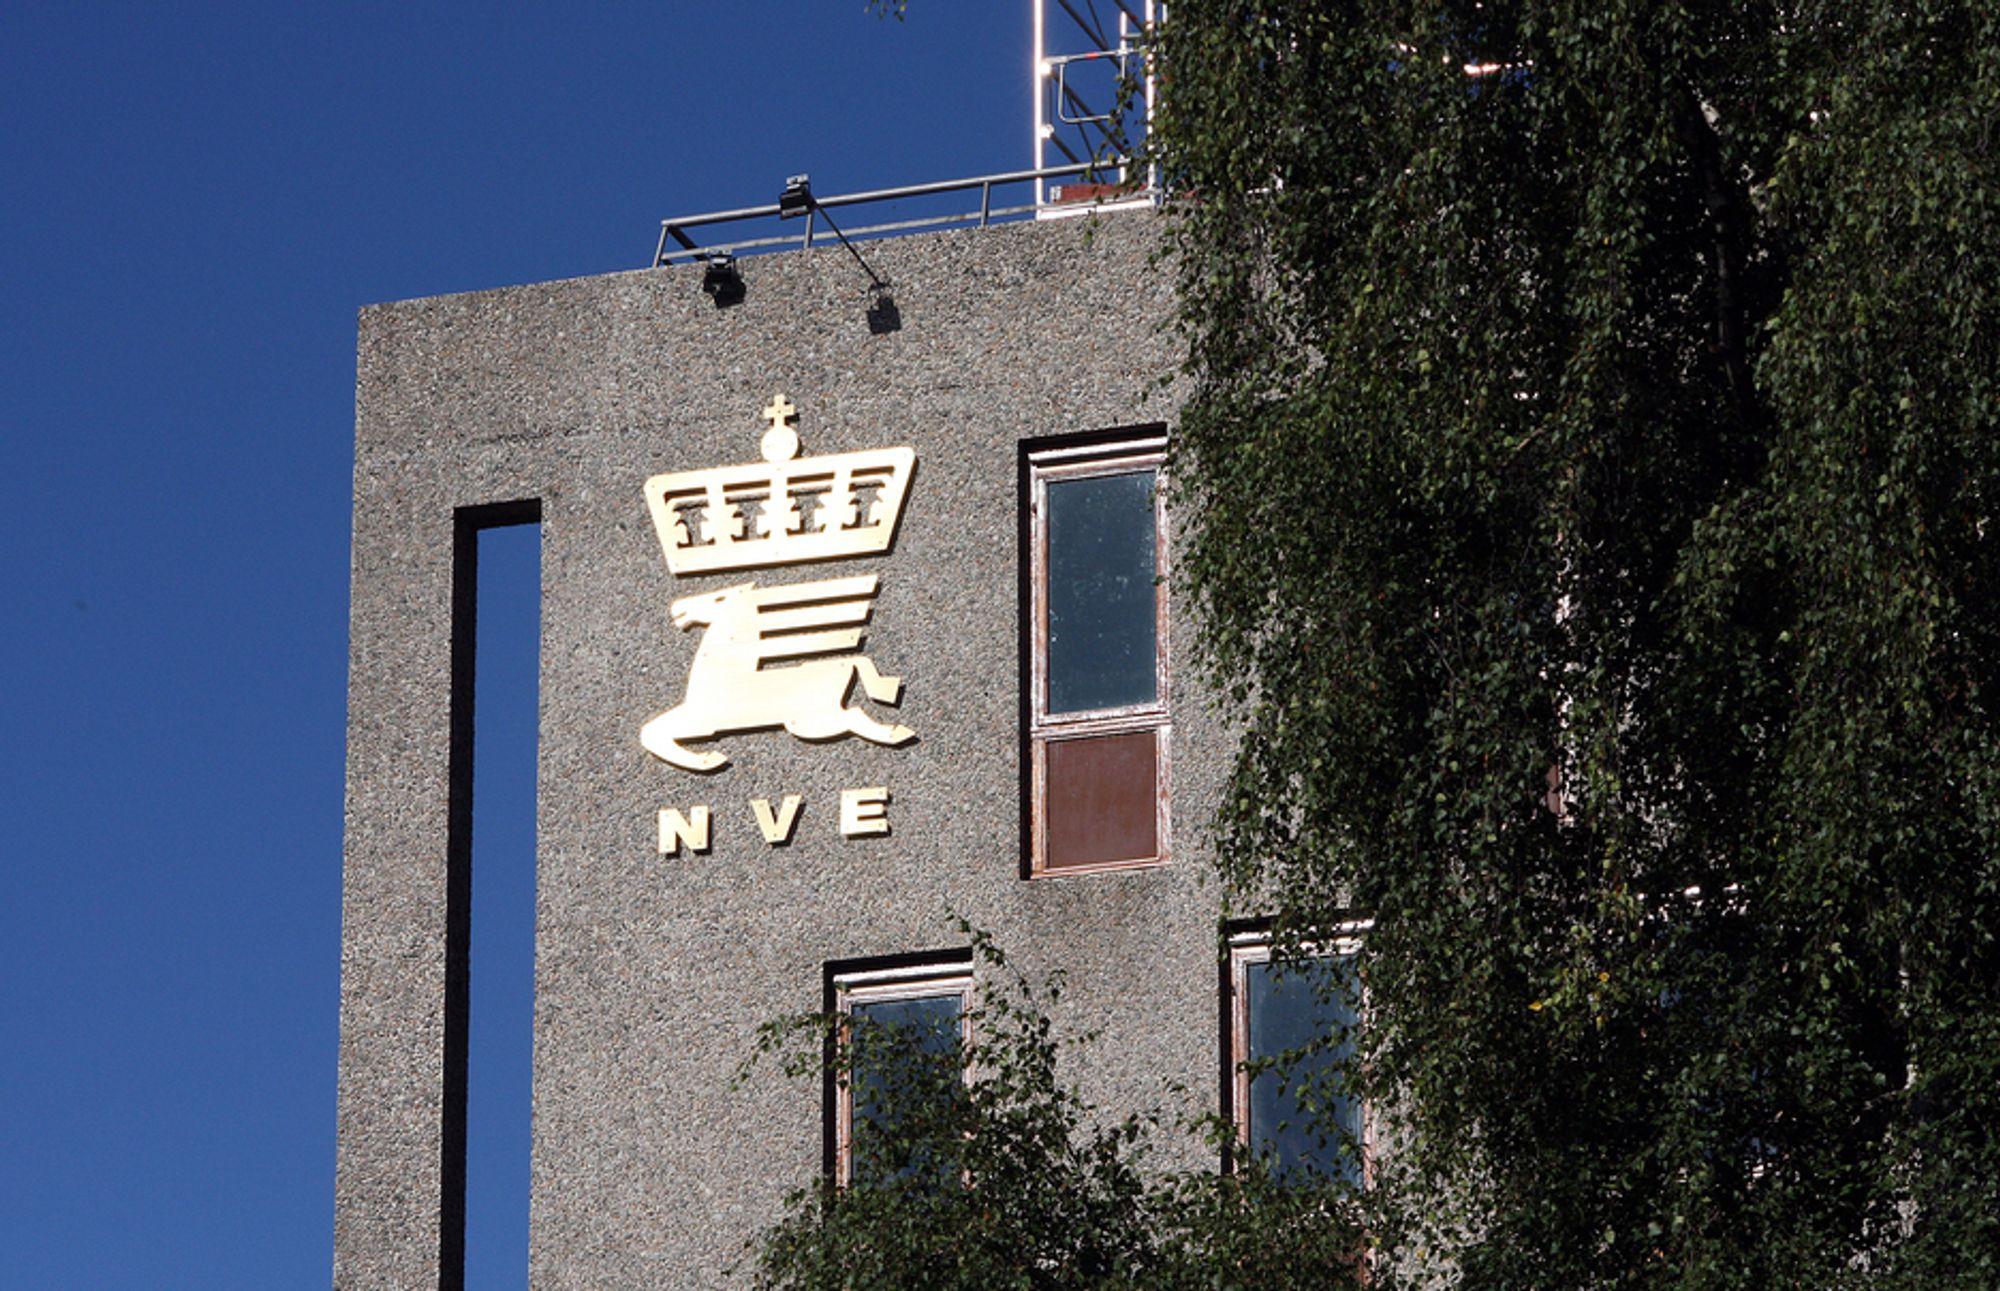 Den ene dagen skal NVE-ansatte godkjenne flomberegningene til private konsulenter, den neste dagen møtes de som konkurrenter, skriver Lars Jenssen i Sweco. (Foto: Mona Strande)